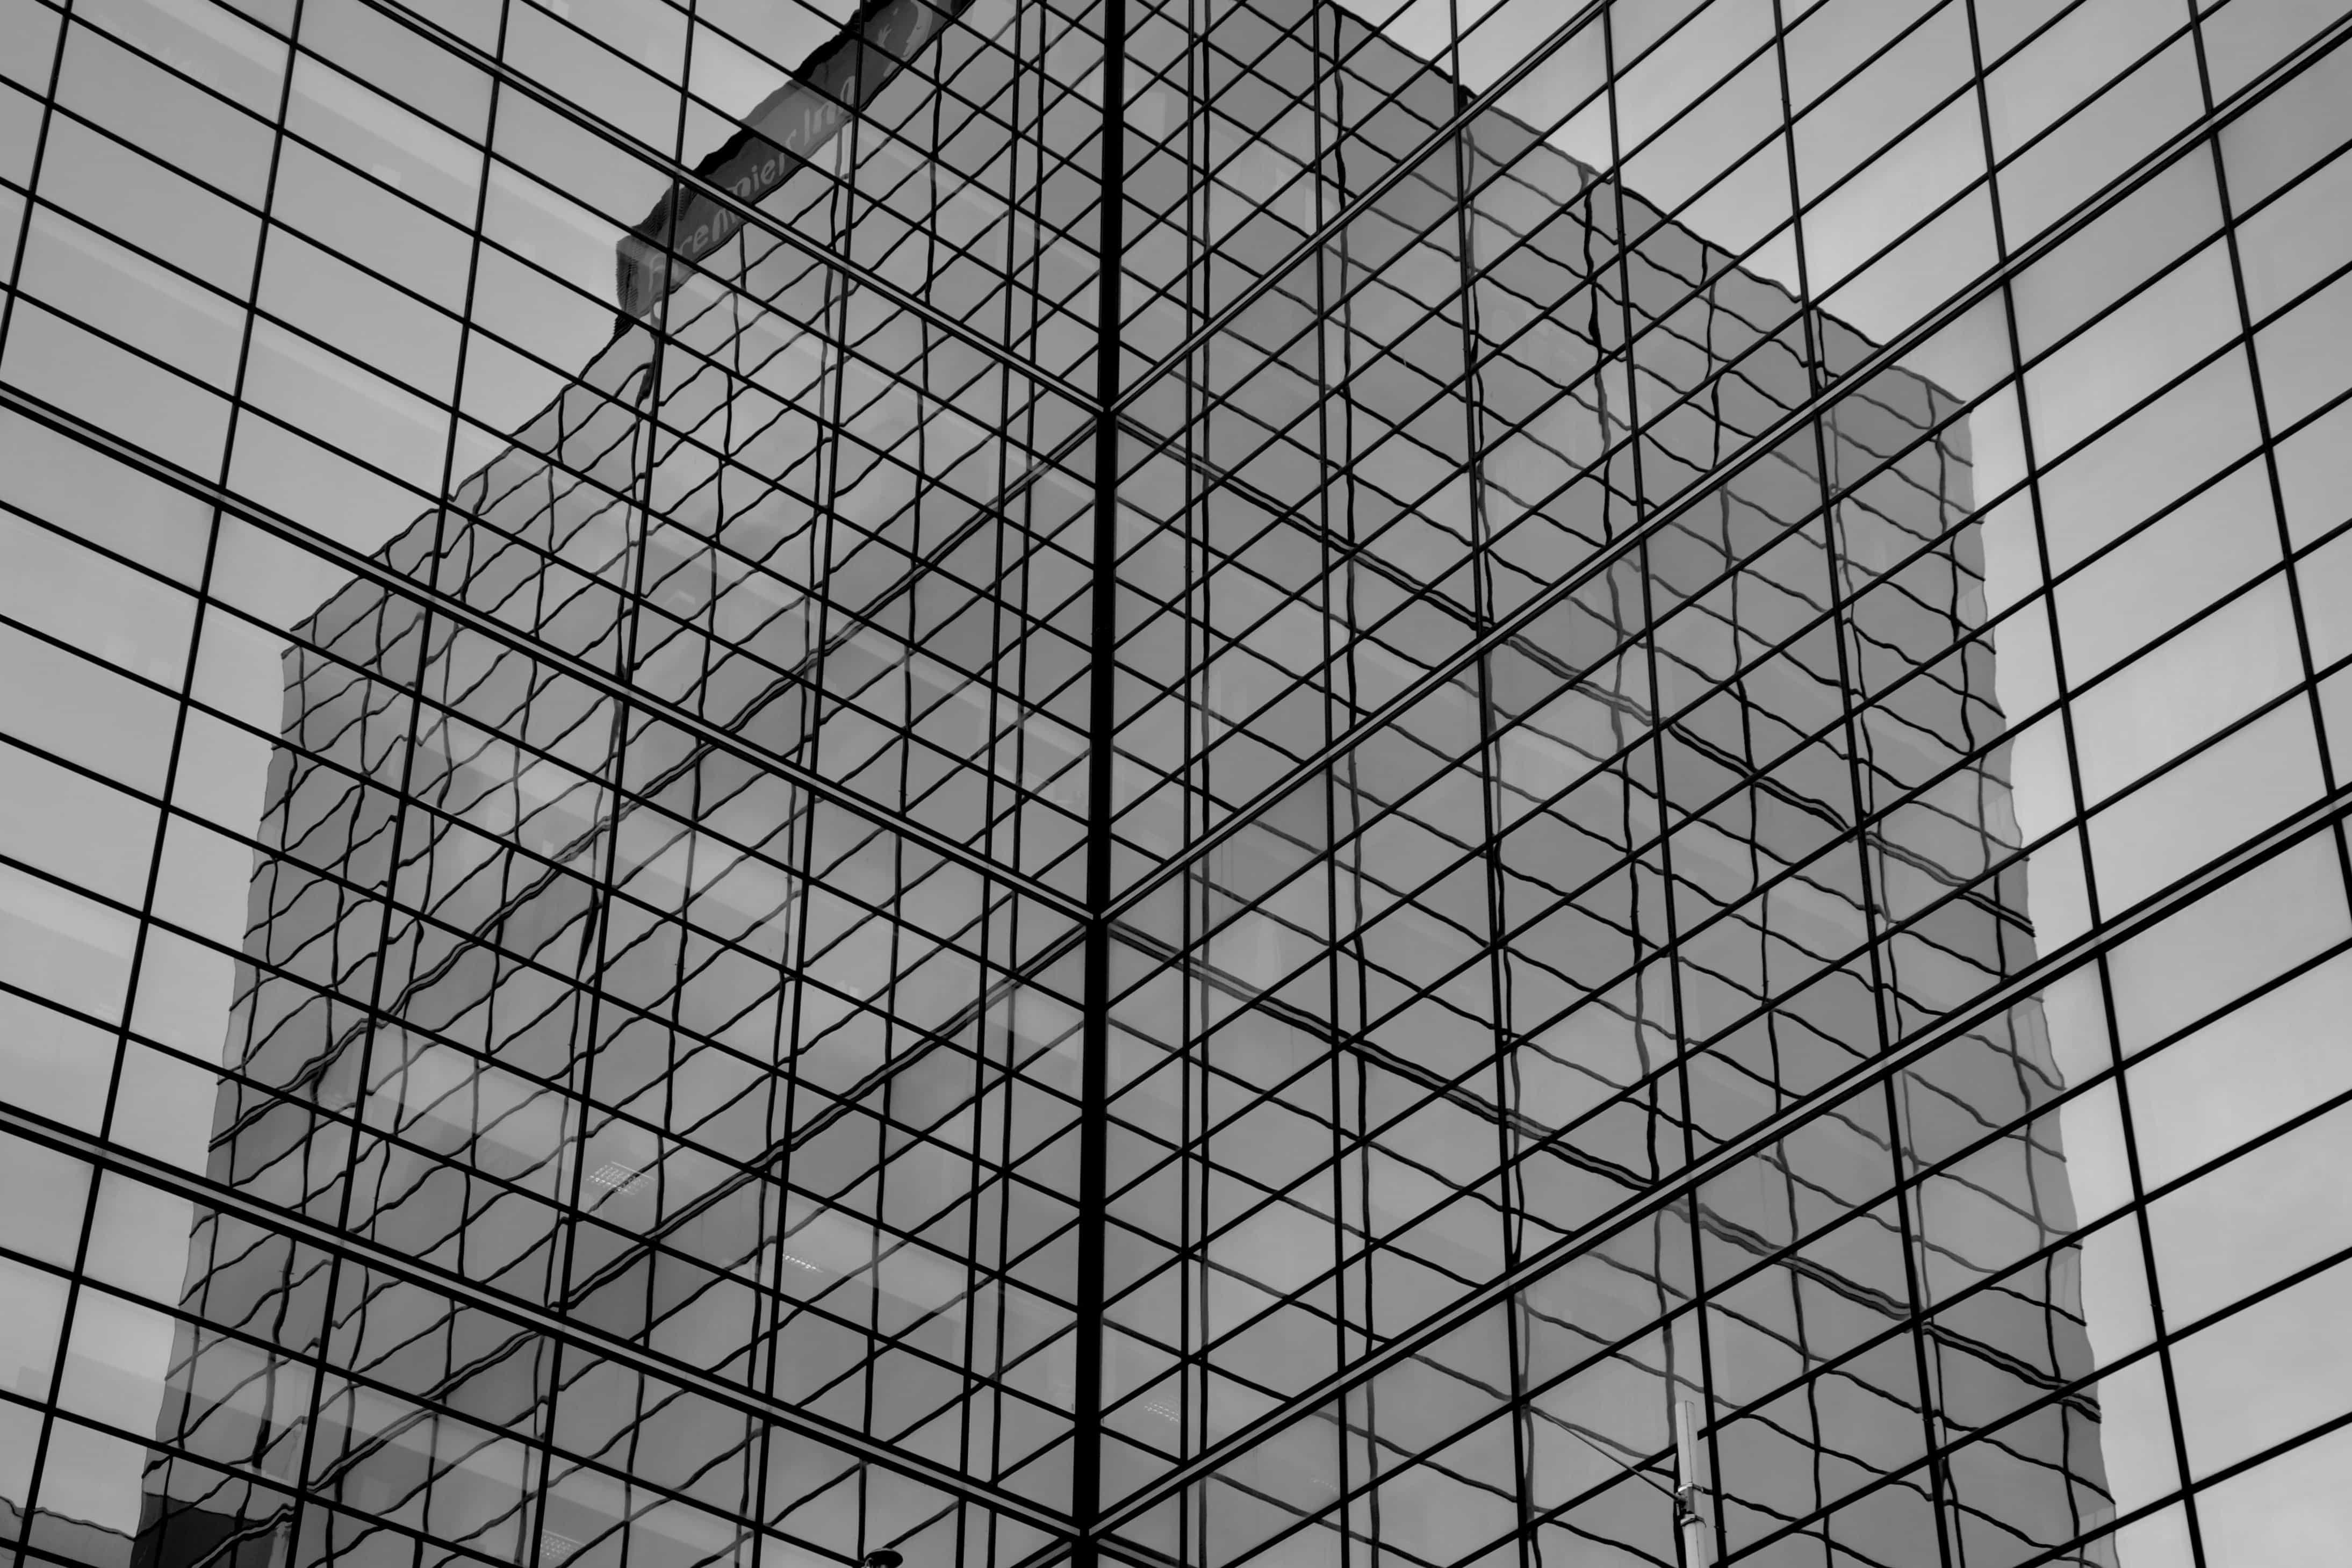 Free picture architecture monochrome building facade